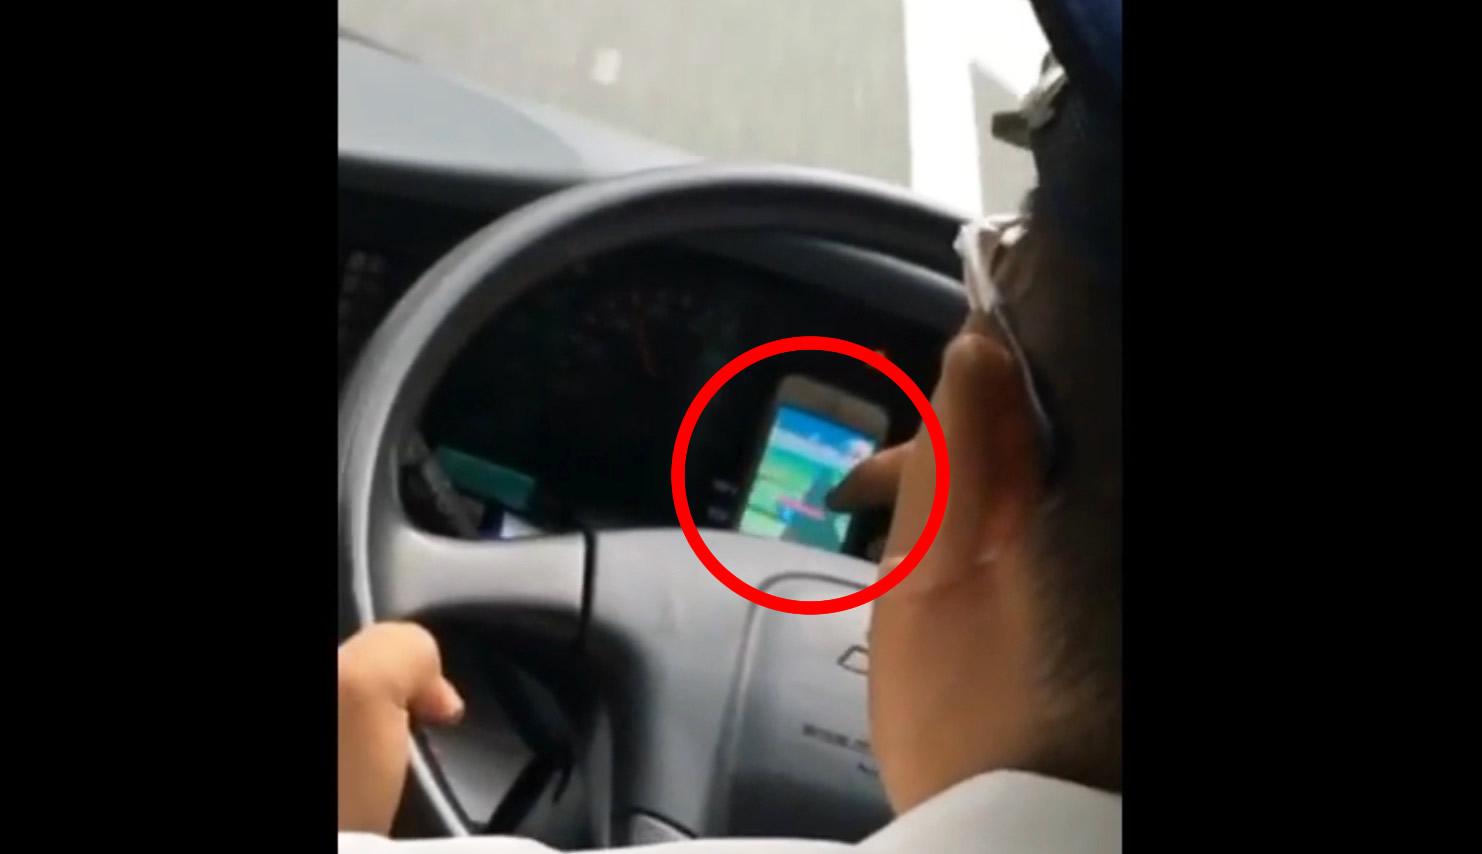 バス運転手が「ポケモンGO」をプレイしながら運転する動画がアップされ、批判殺到!!